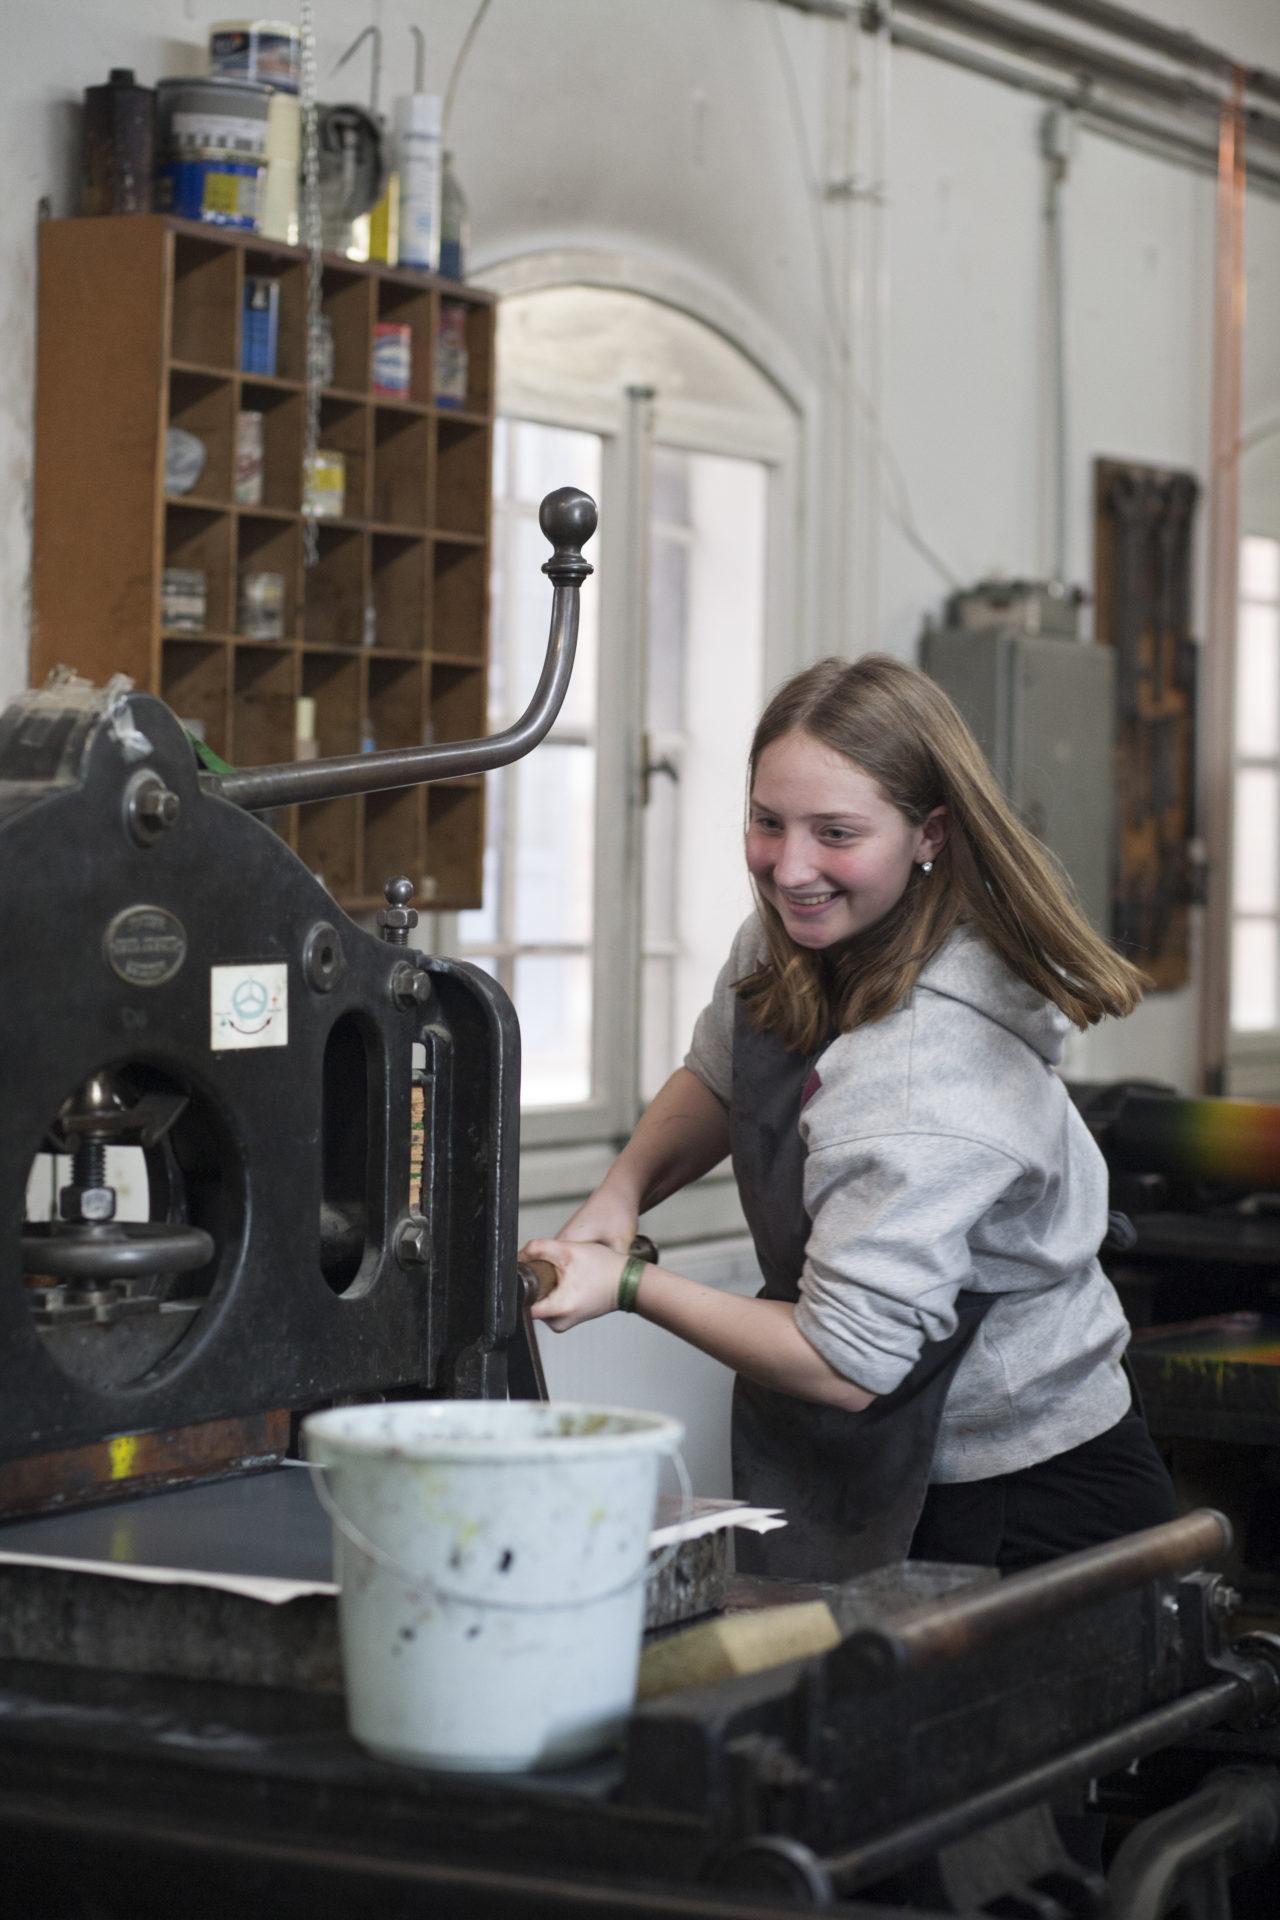 """Mädchen bedient mit Freude kraftvoll eine Steindruckpresse. Sie ist eine Teilnehmerin an einem """"Kultur macht stark!""""-Ferienprogramm im Museum der Arbeit. Copyright Museumsdienst Hamburg, Pia Schmikl, Muriel Borchert"""